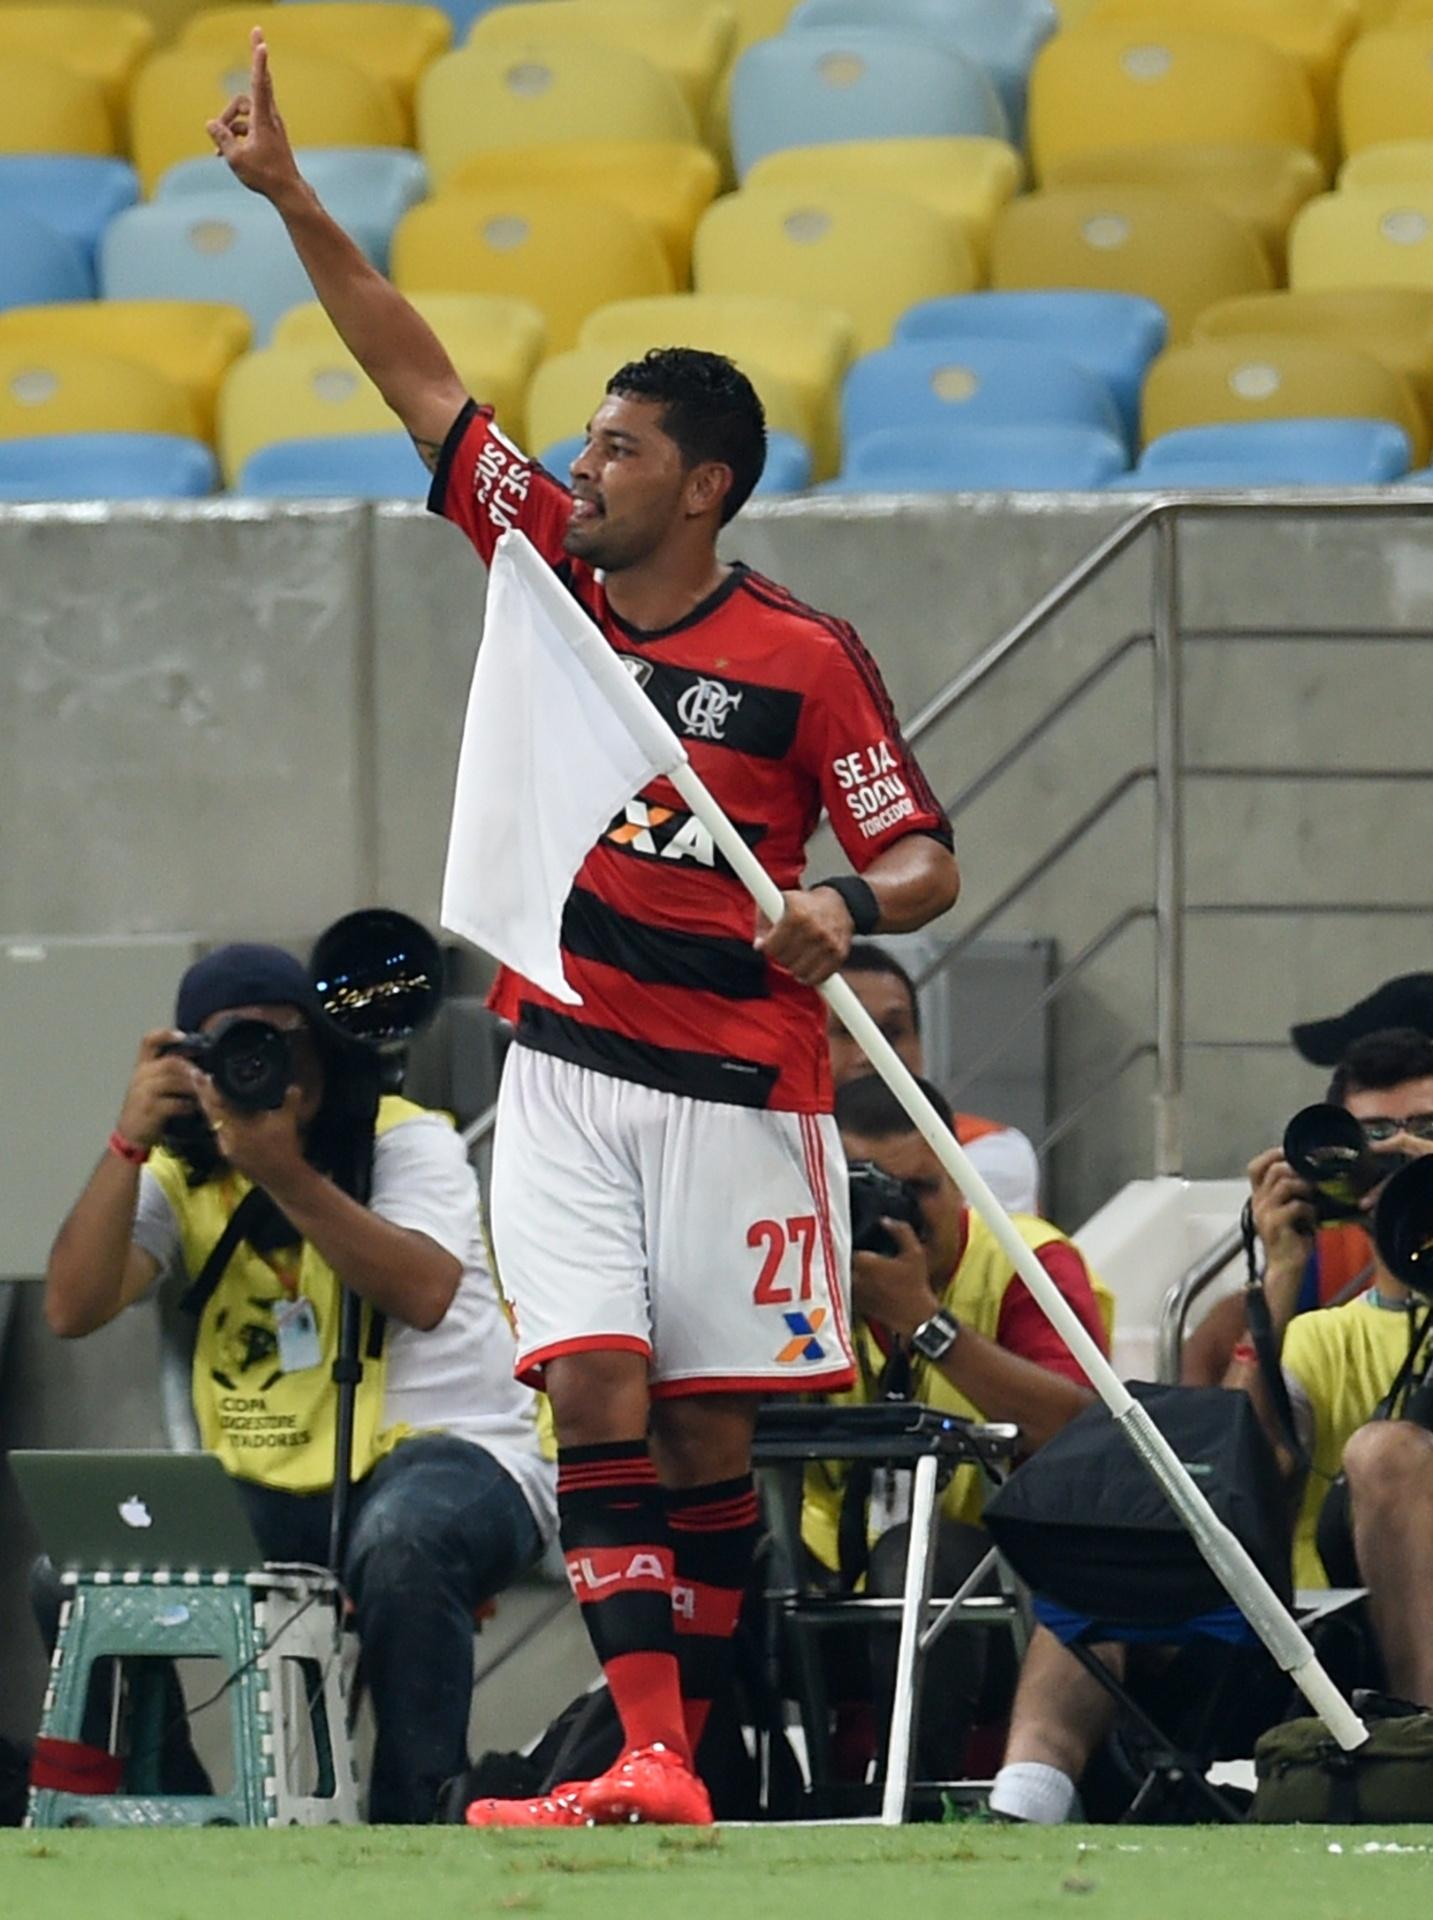 09.04.2014 - André Santos comemora gol do Flamengo contra o León em jogo da Libertadores no Maracanã com a bandeira de escanteio